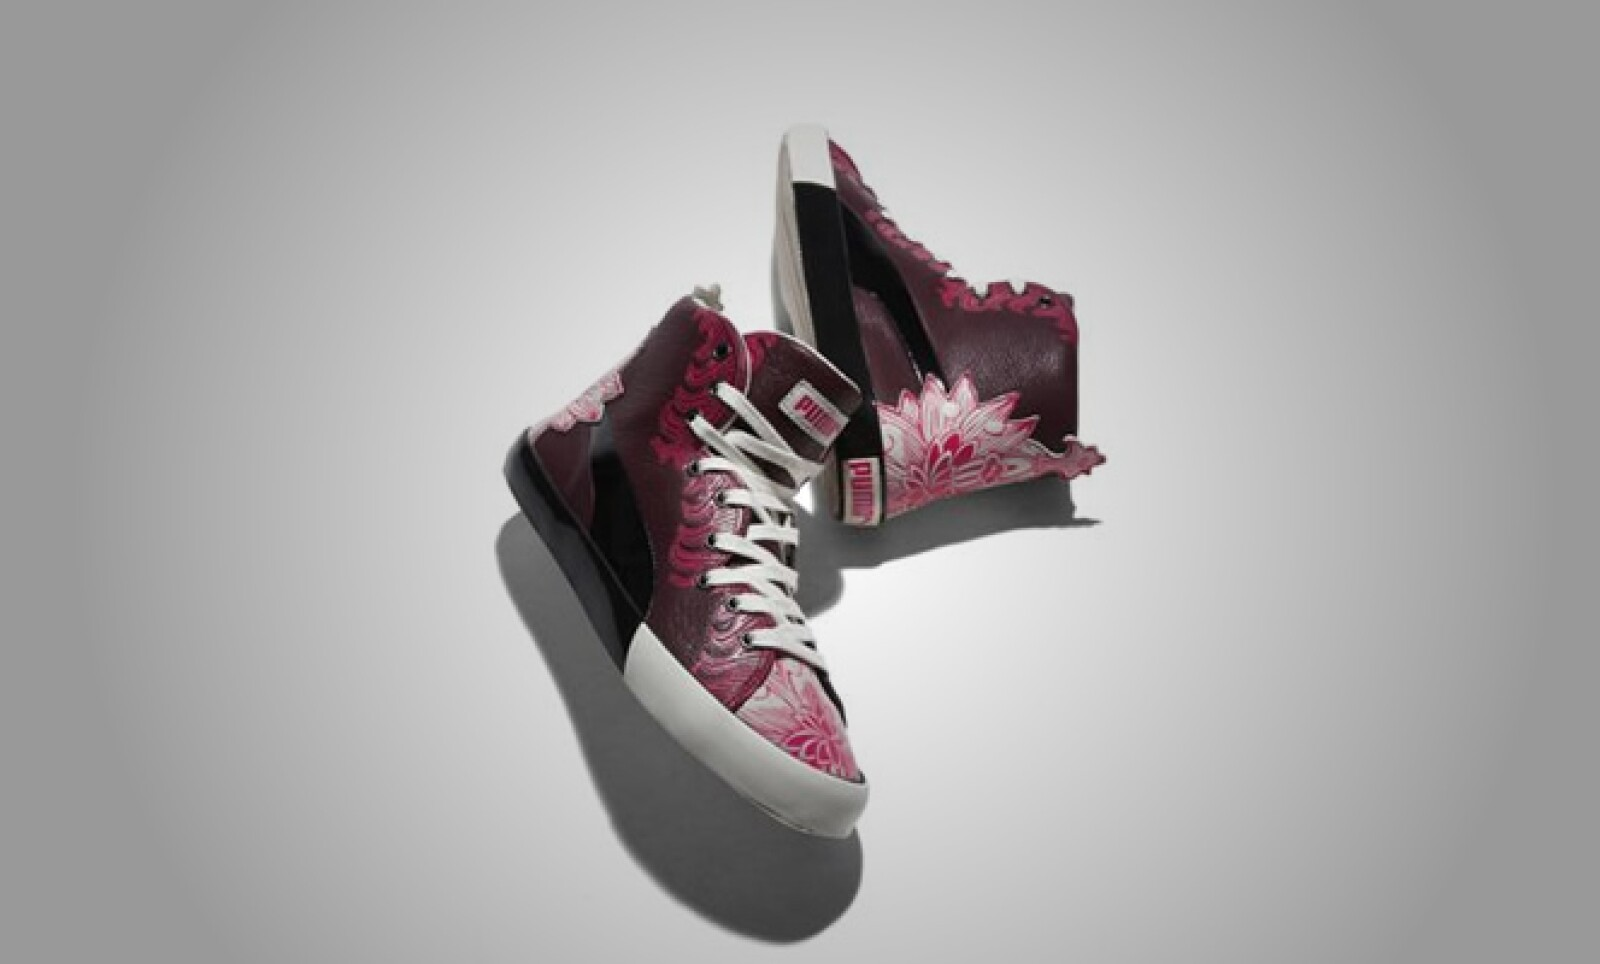 Dicho color aparece también en los famosos 'sneakers' de la compañía.